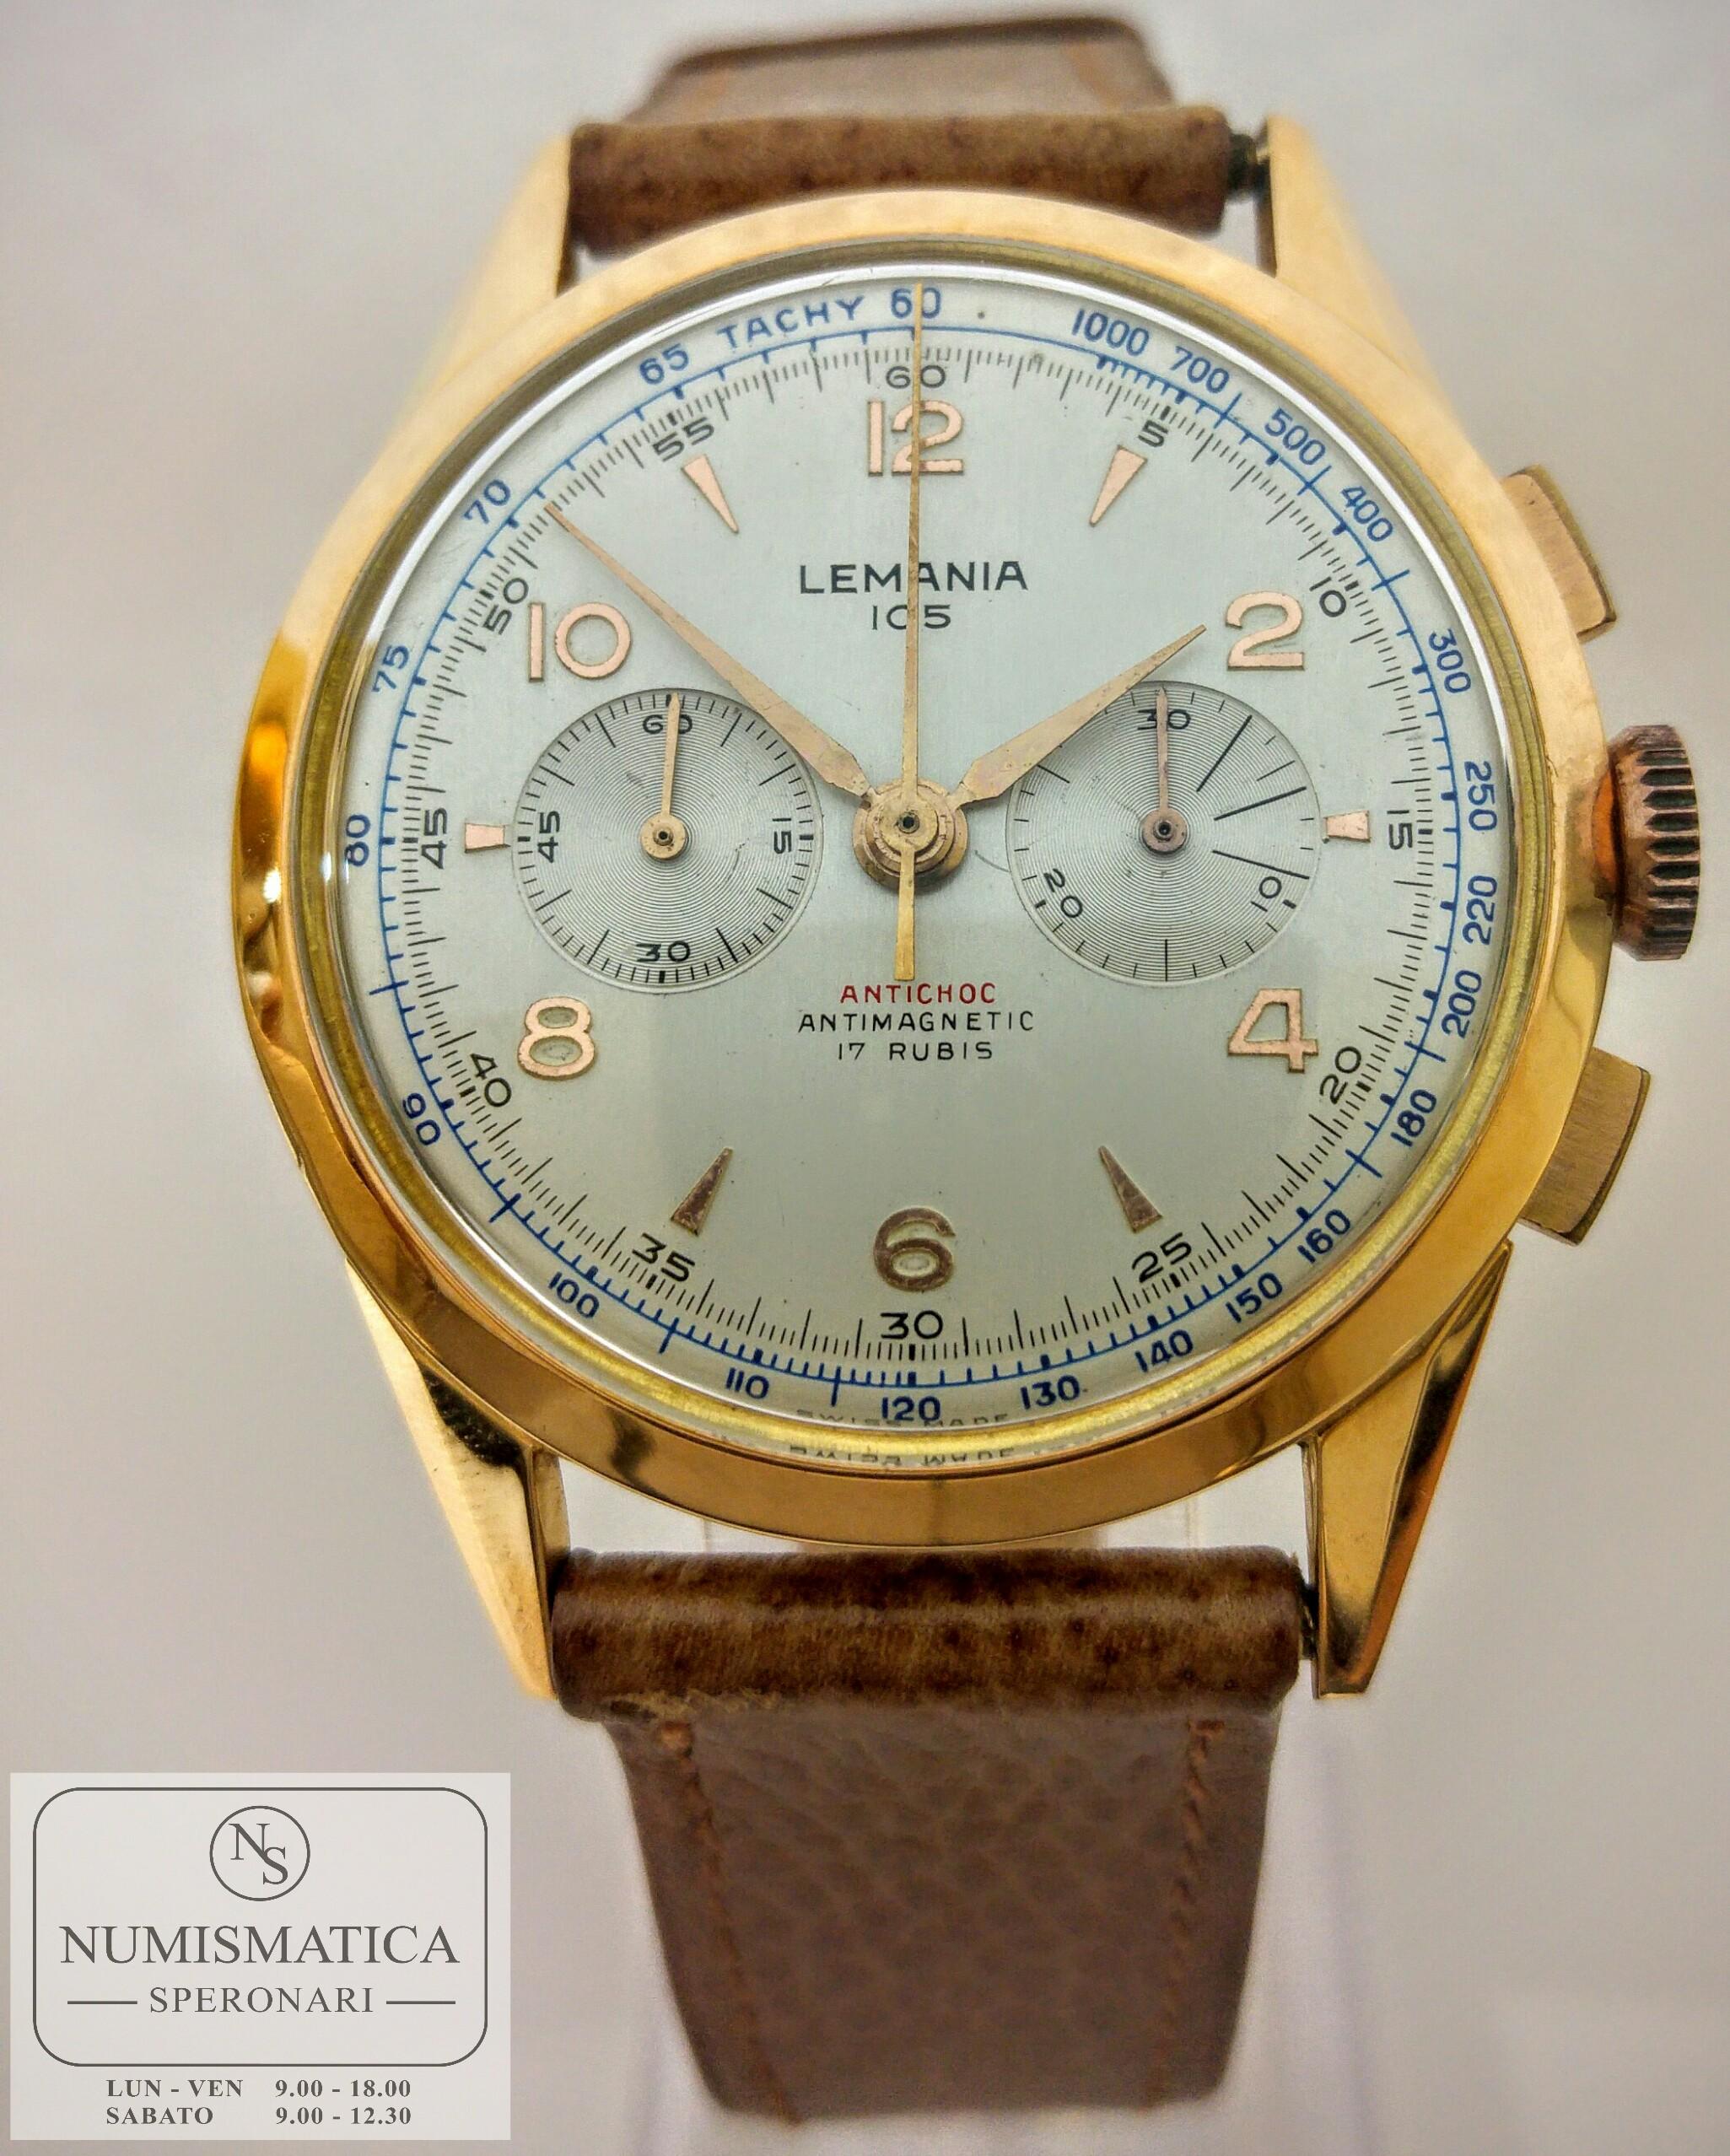 chrono vintage Lemania 105 frontale